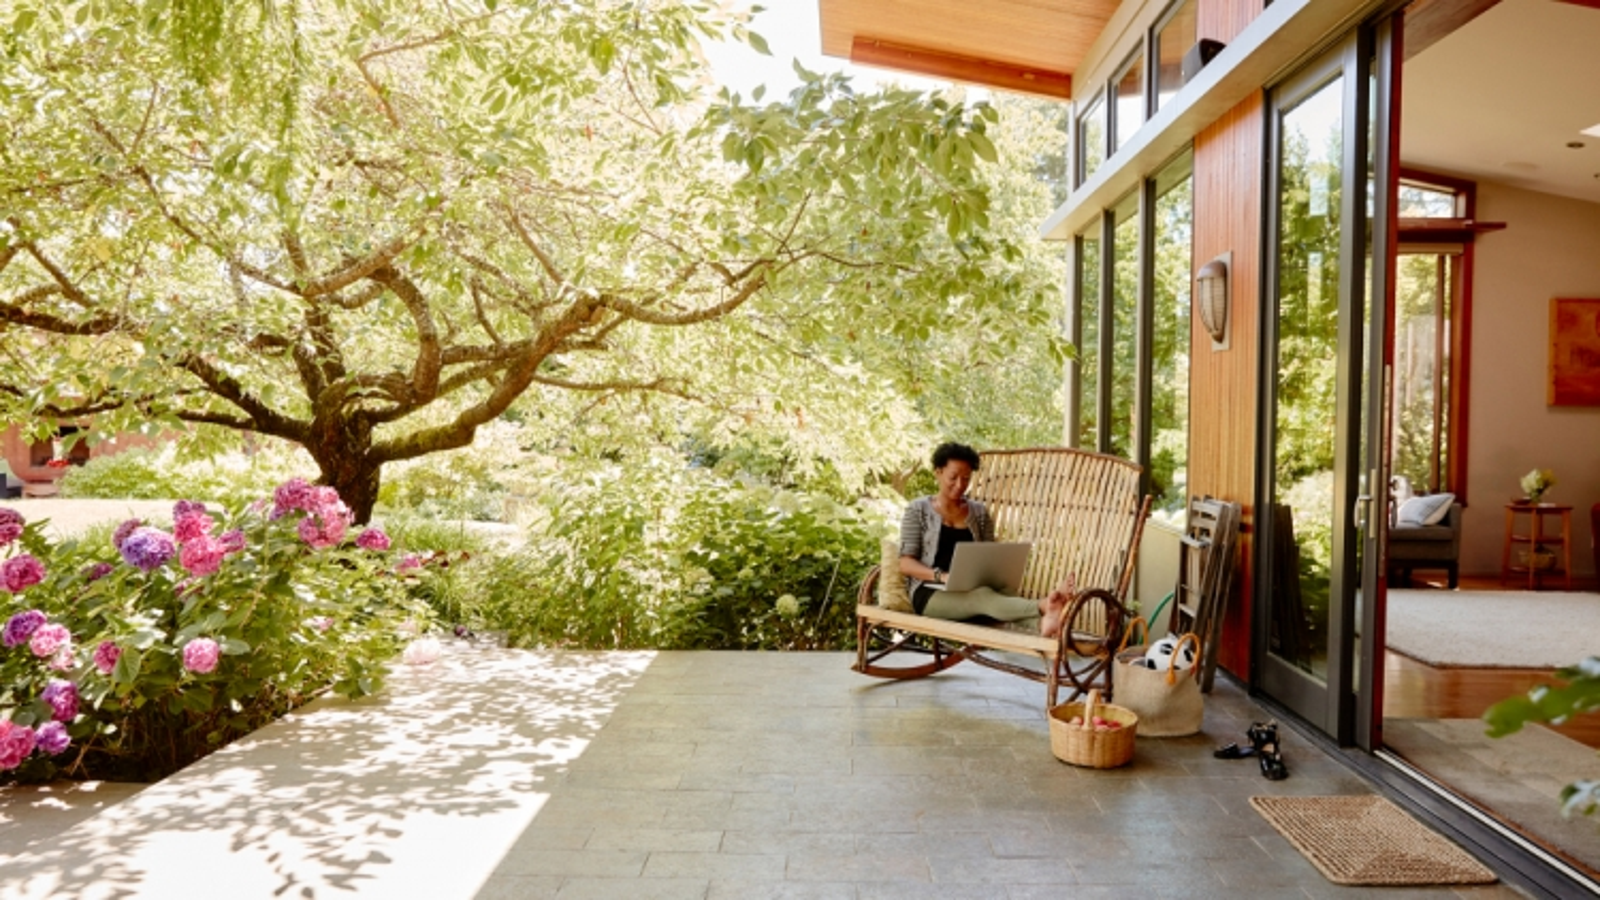 Cơ hội du lịch miễn phí và kiếm tiền từ Airbnb